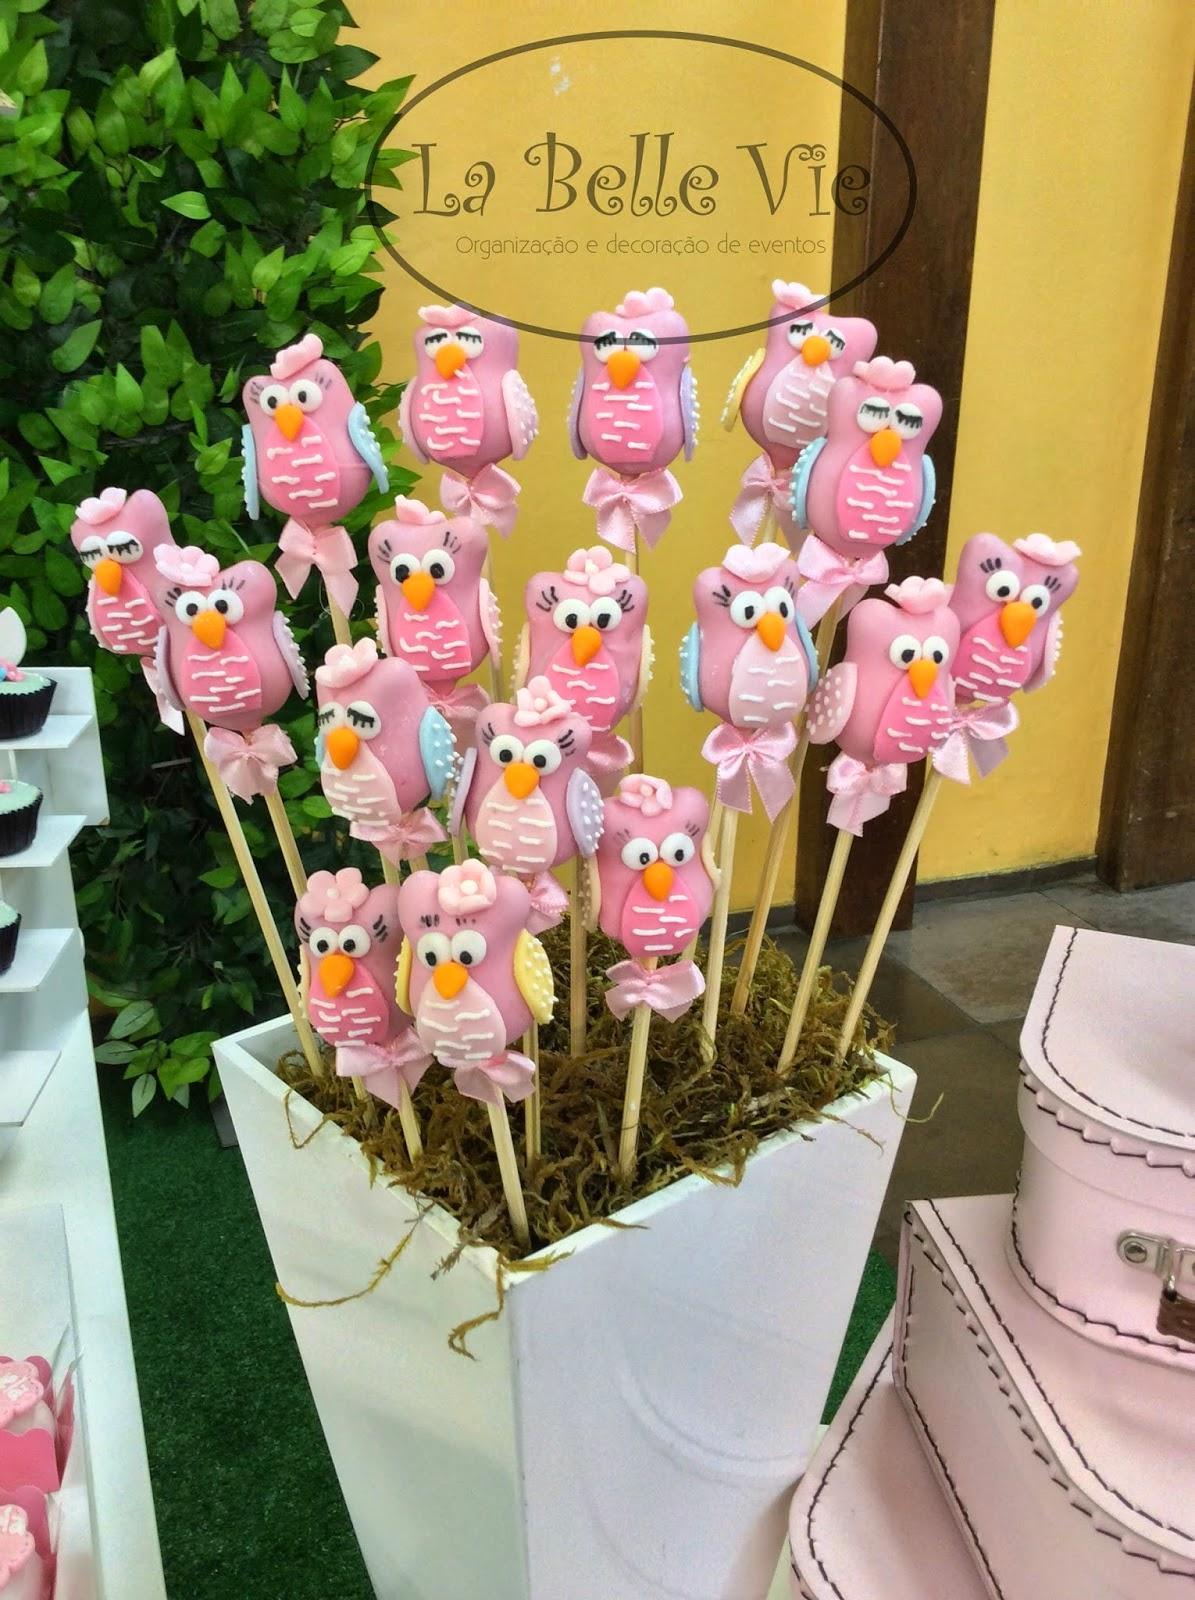 ideias criativas festa aniversario cha de bebe corujinha meninas docinhos lembrancinhas personalizados 15